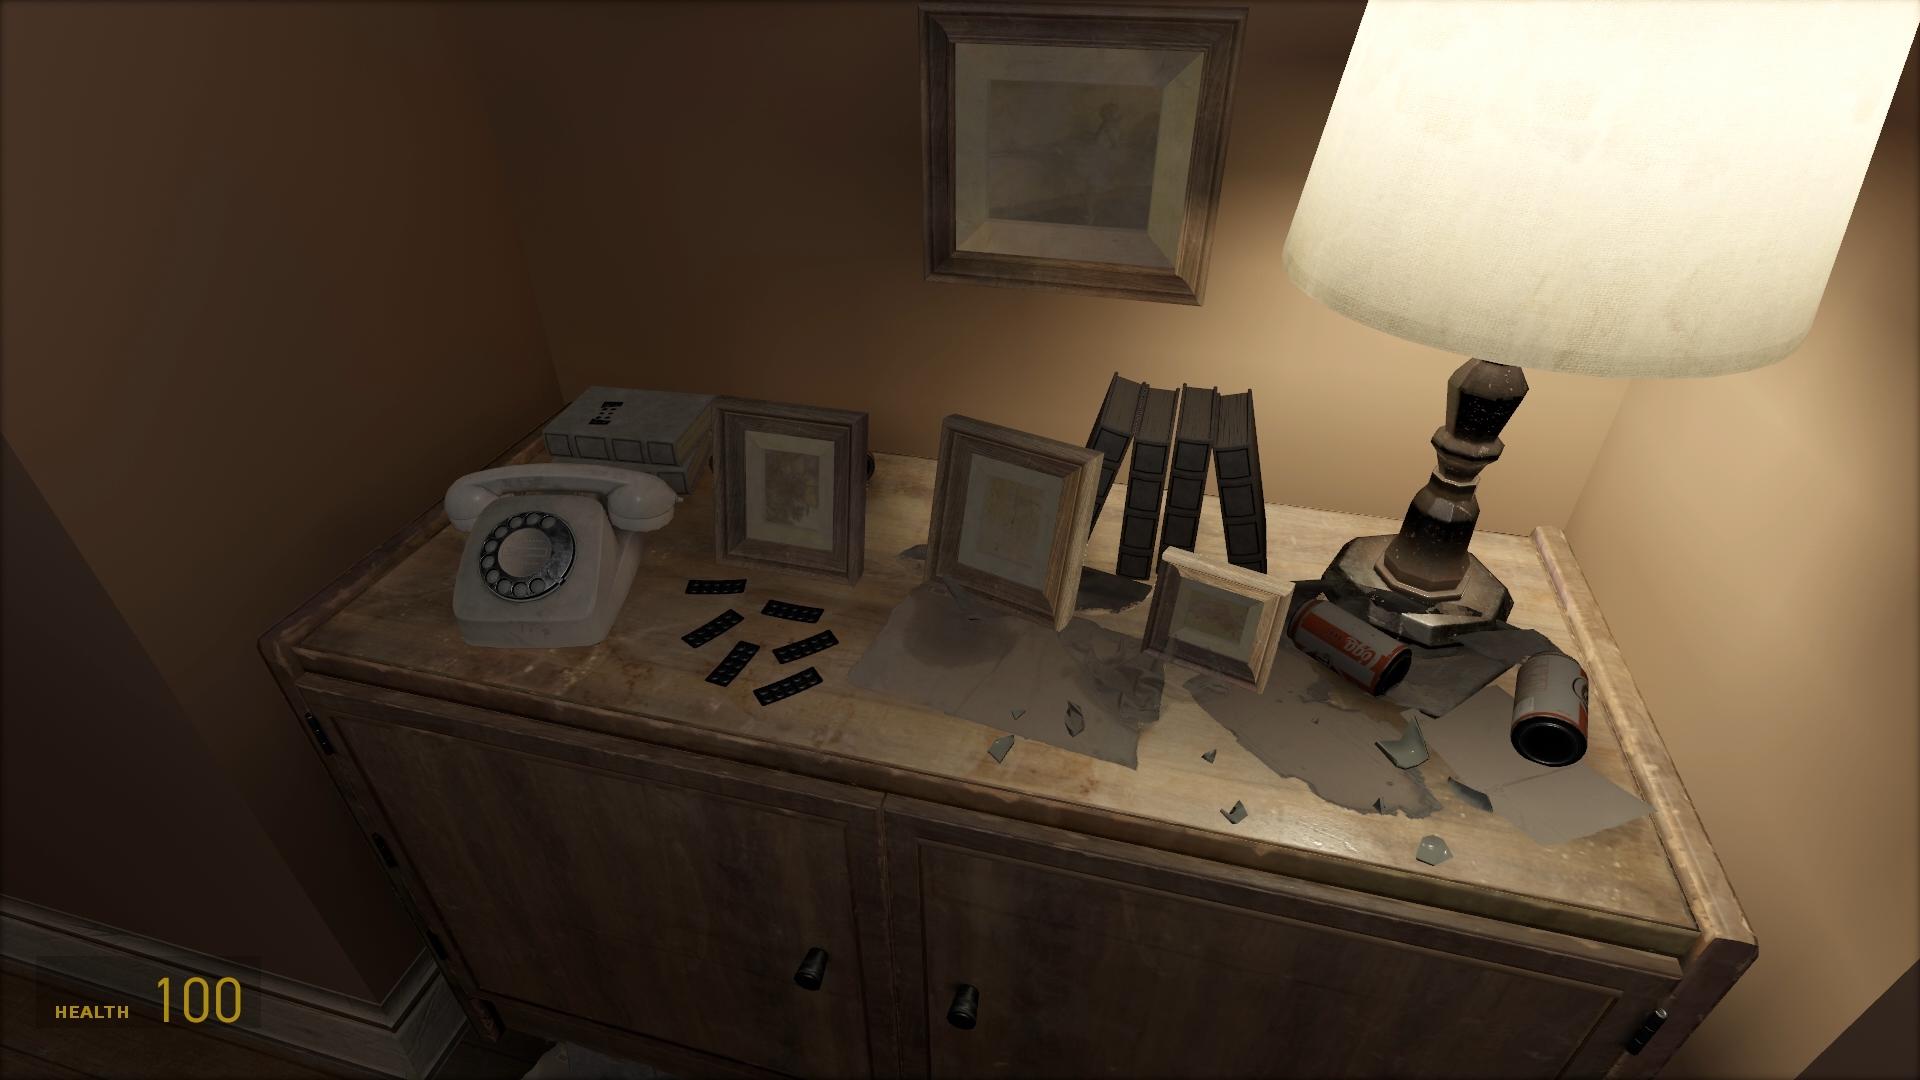 《半条命:Alyx》新Mod 让玩家体验《P.T.》恐怖场景